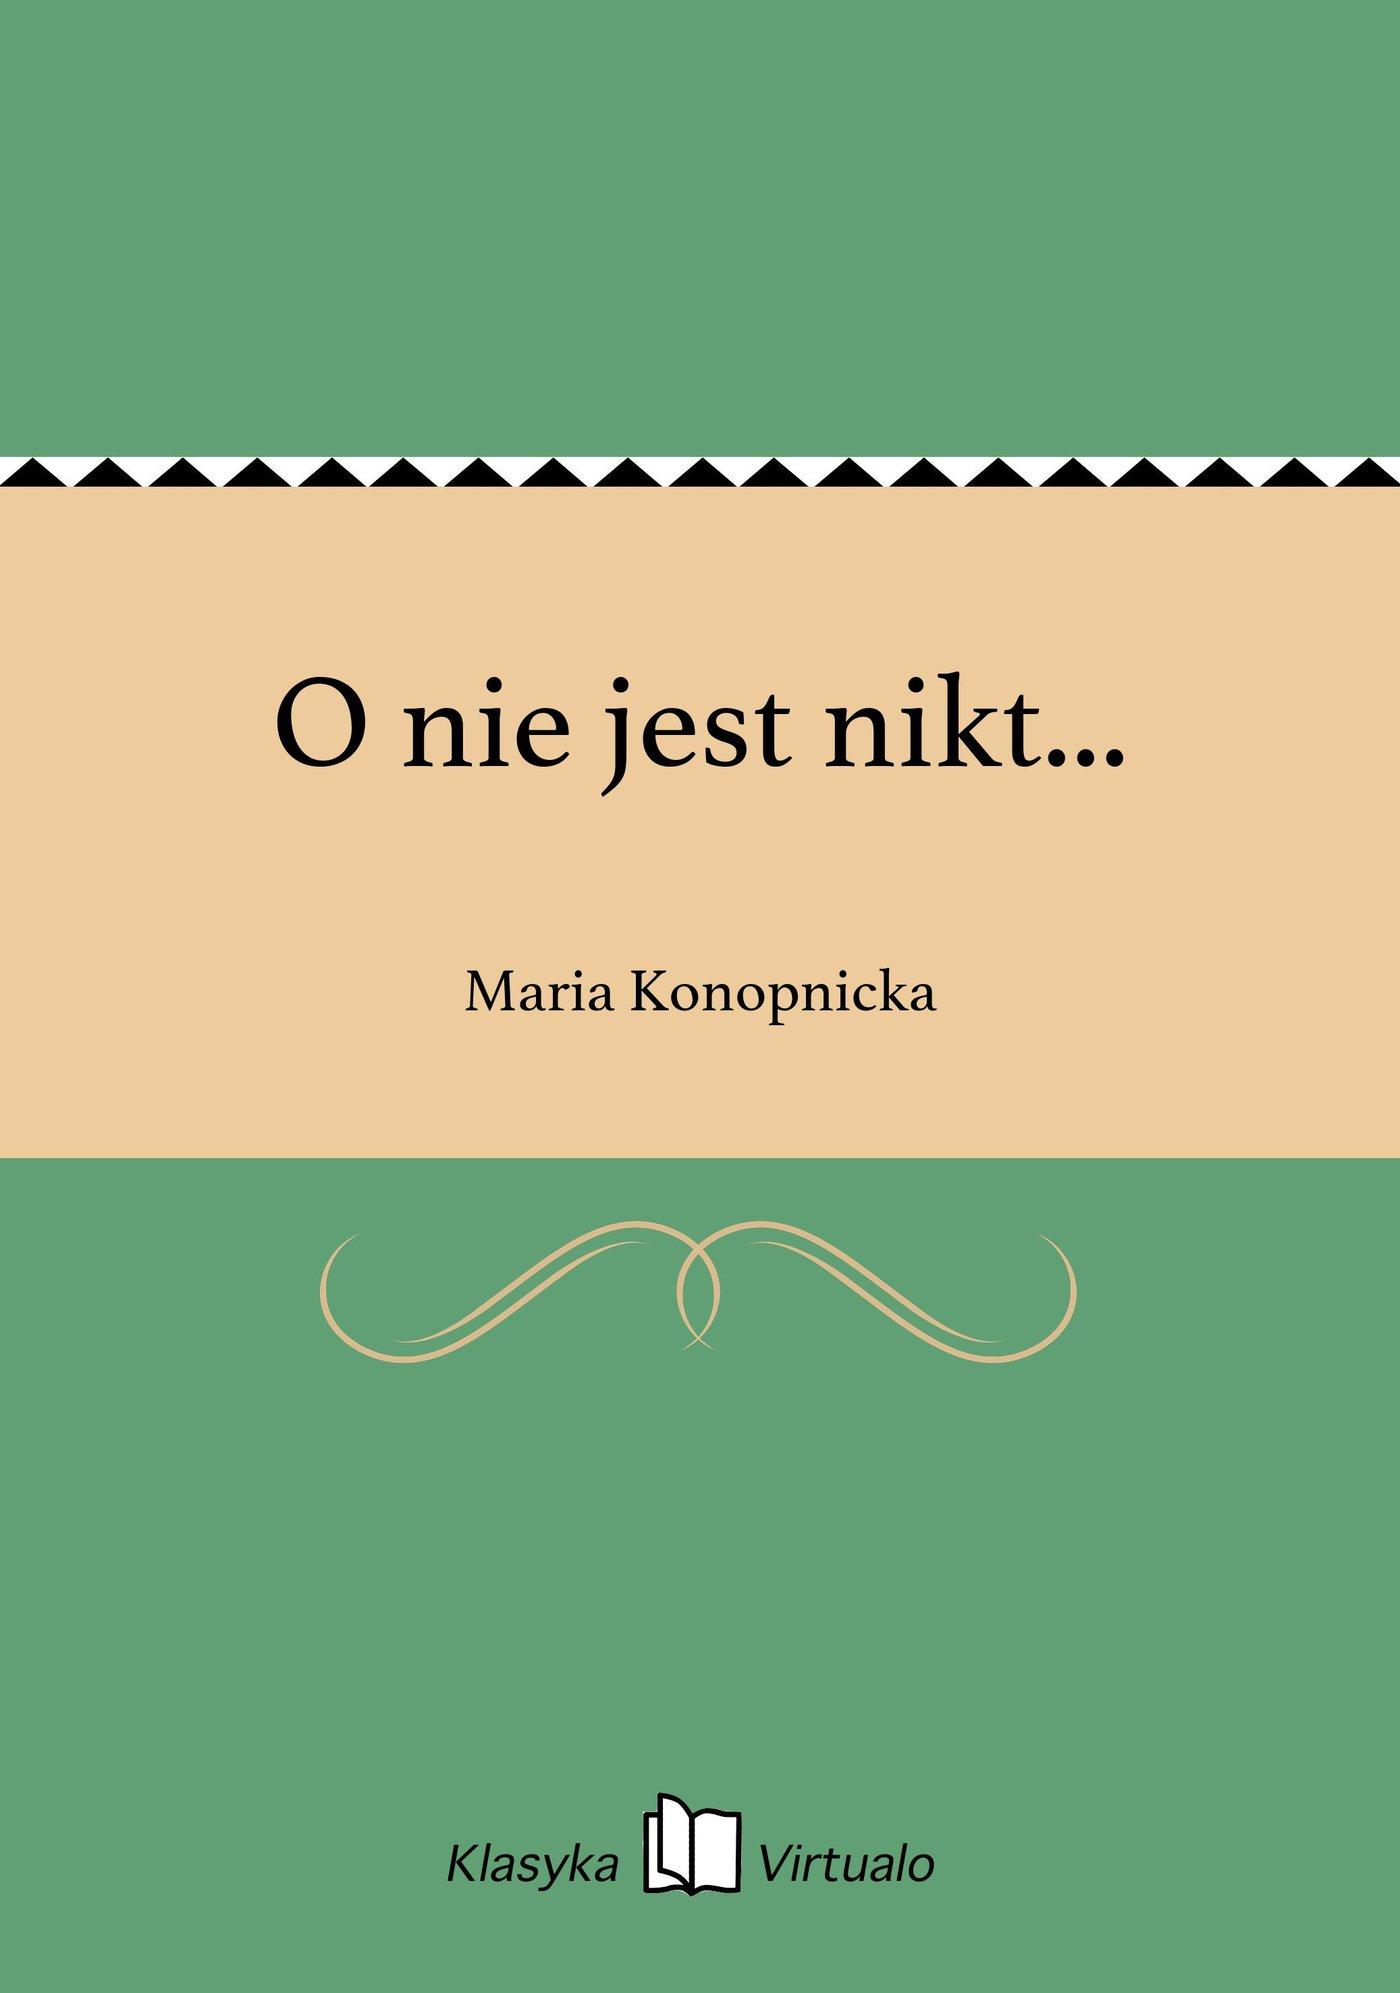 O nie jest nikt... - Ebook (Książka EPUB) do pobrania w formacie EPUB